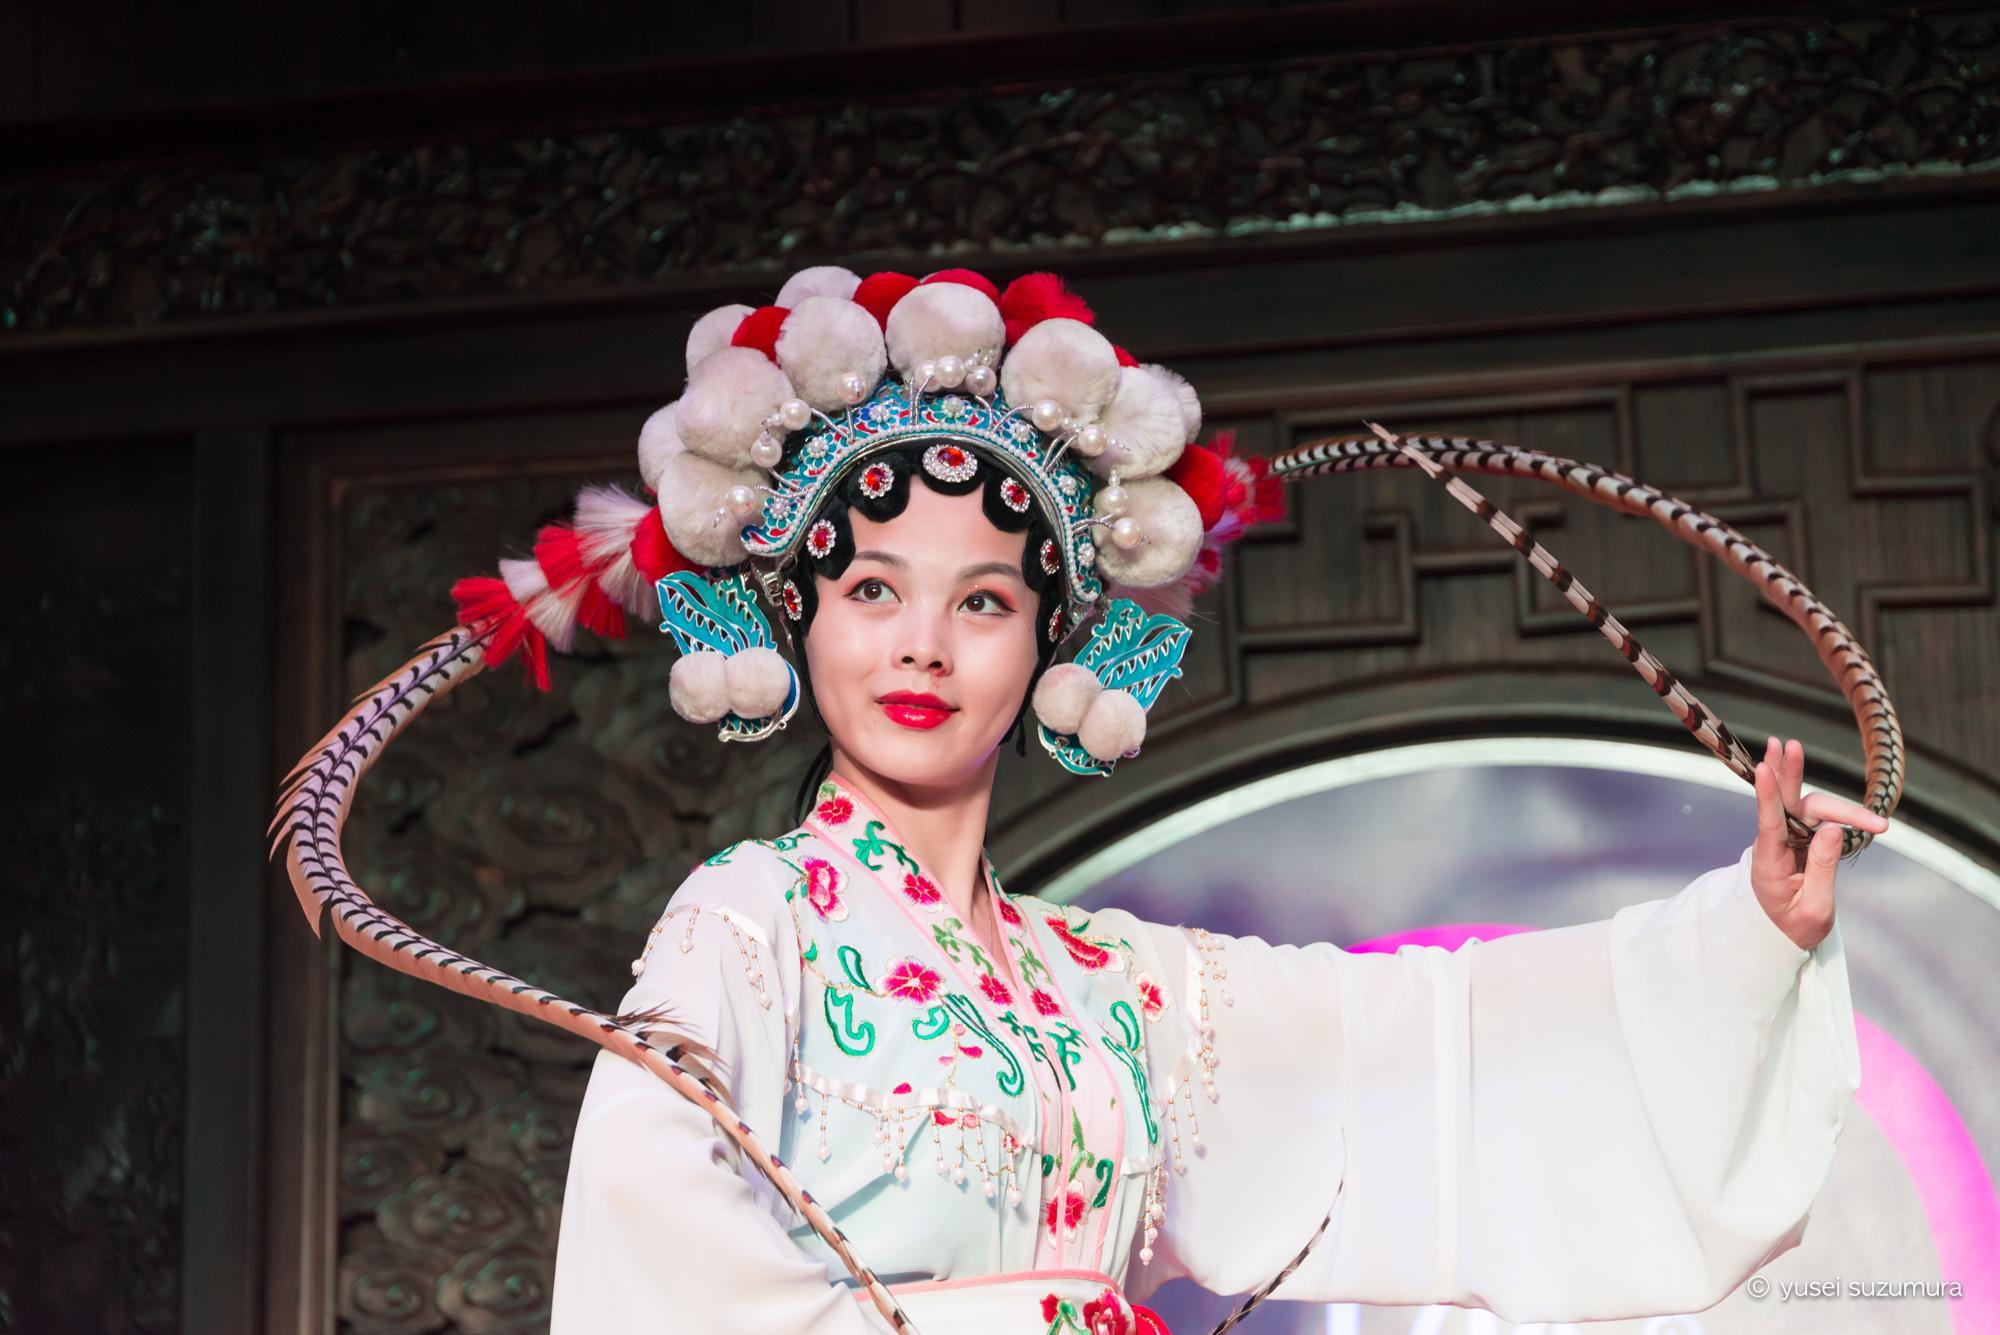 成都観光!川劇と火鍋でエキゾチックな中国を味わう。